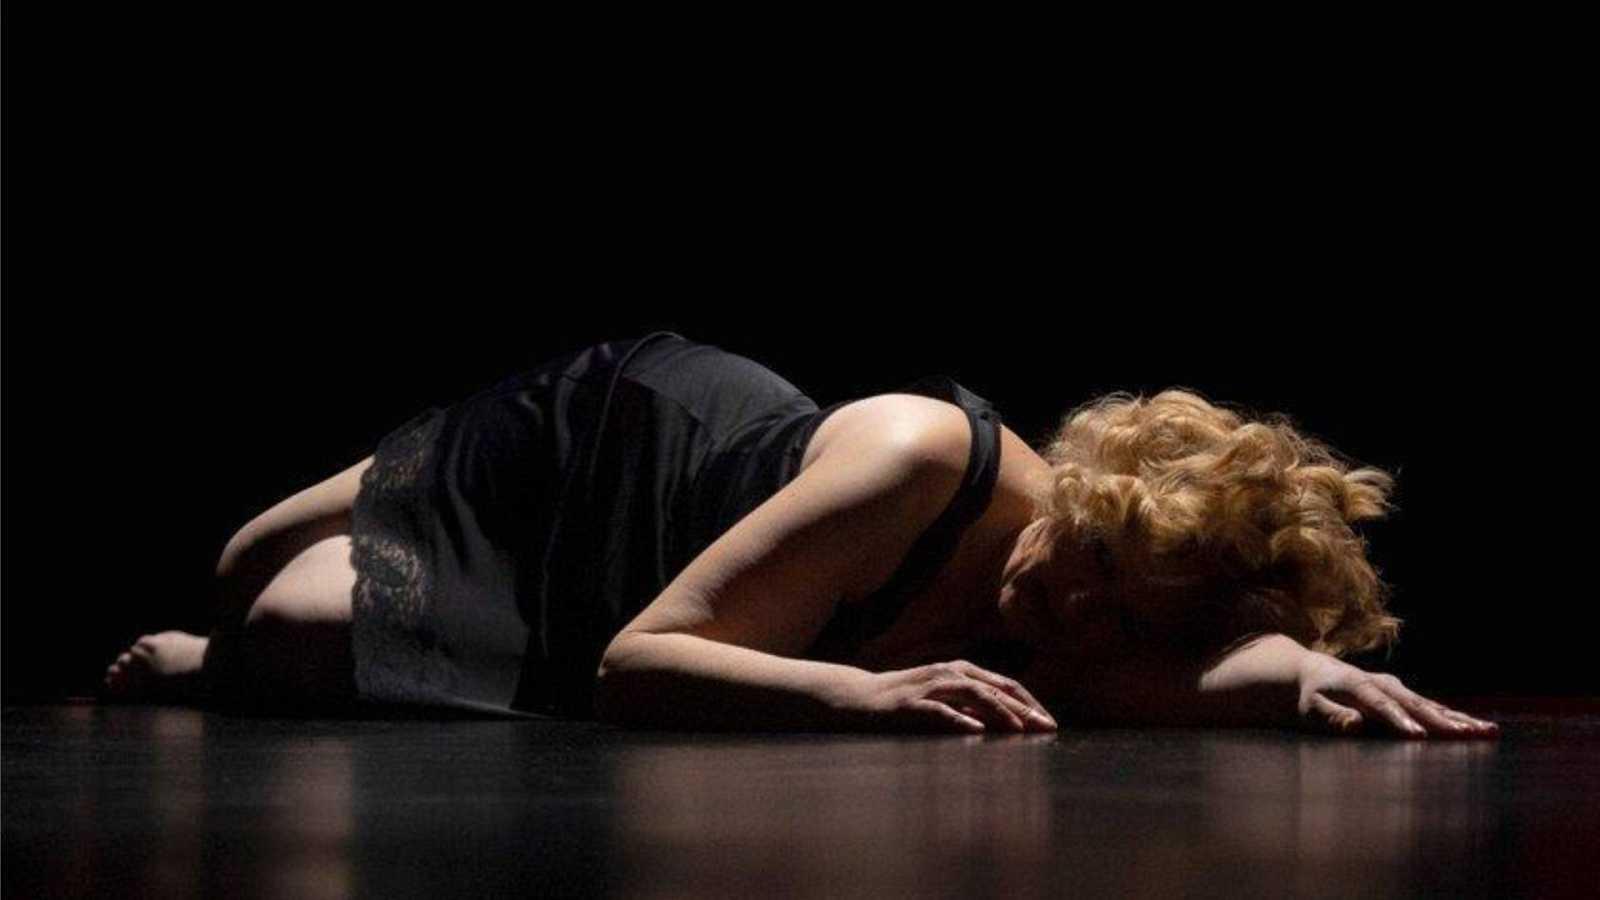 Artesfera en Radio 5 - Ser mujer sin hogar en tiempos de Covid - 28/11/20 - Escuchar ahora